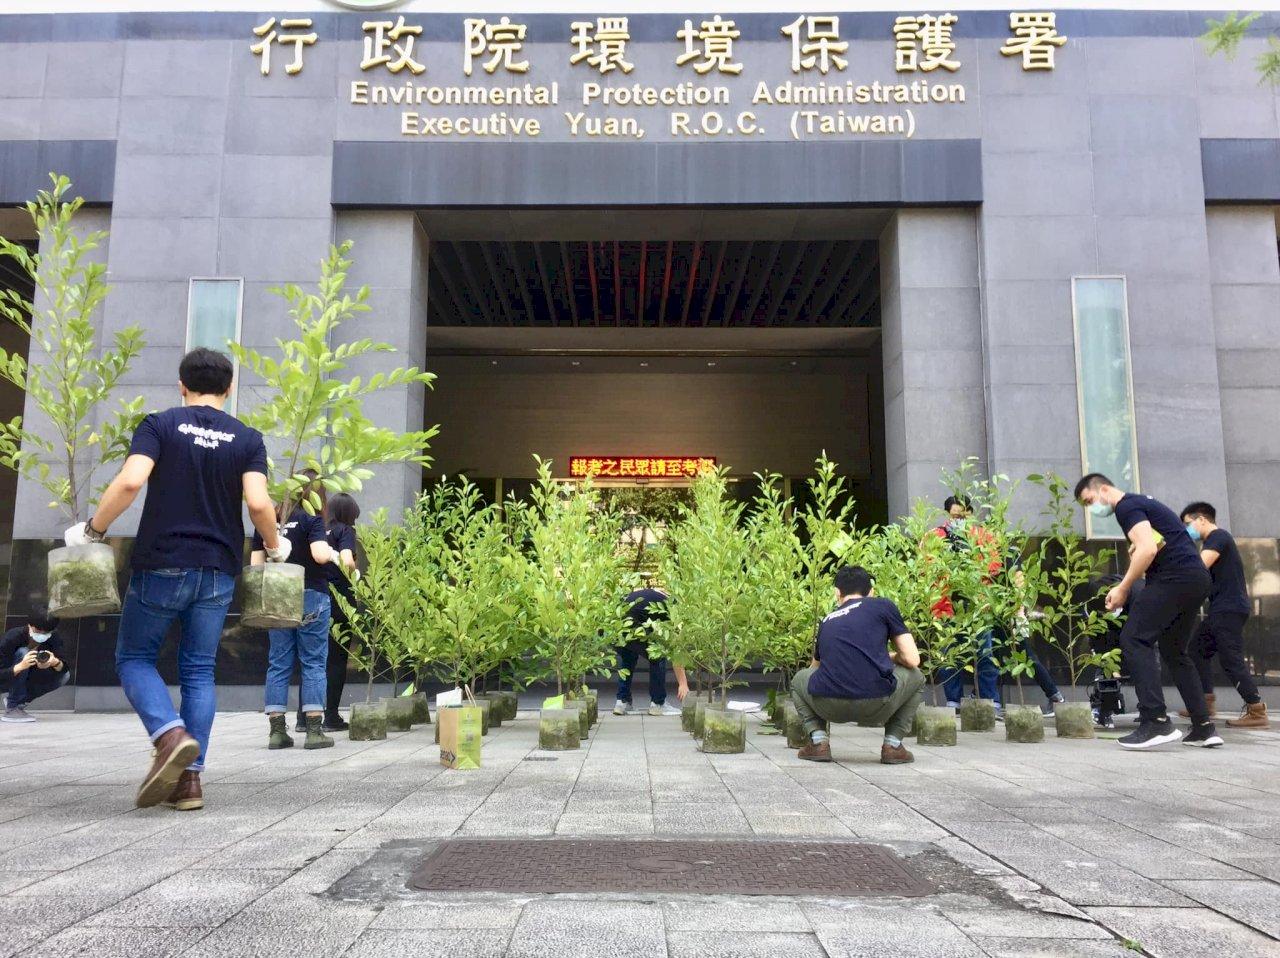 綠色和平搬樹送環保署 促政府啟動「綠色紓困」 (影音)